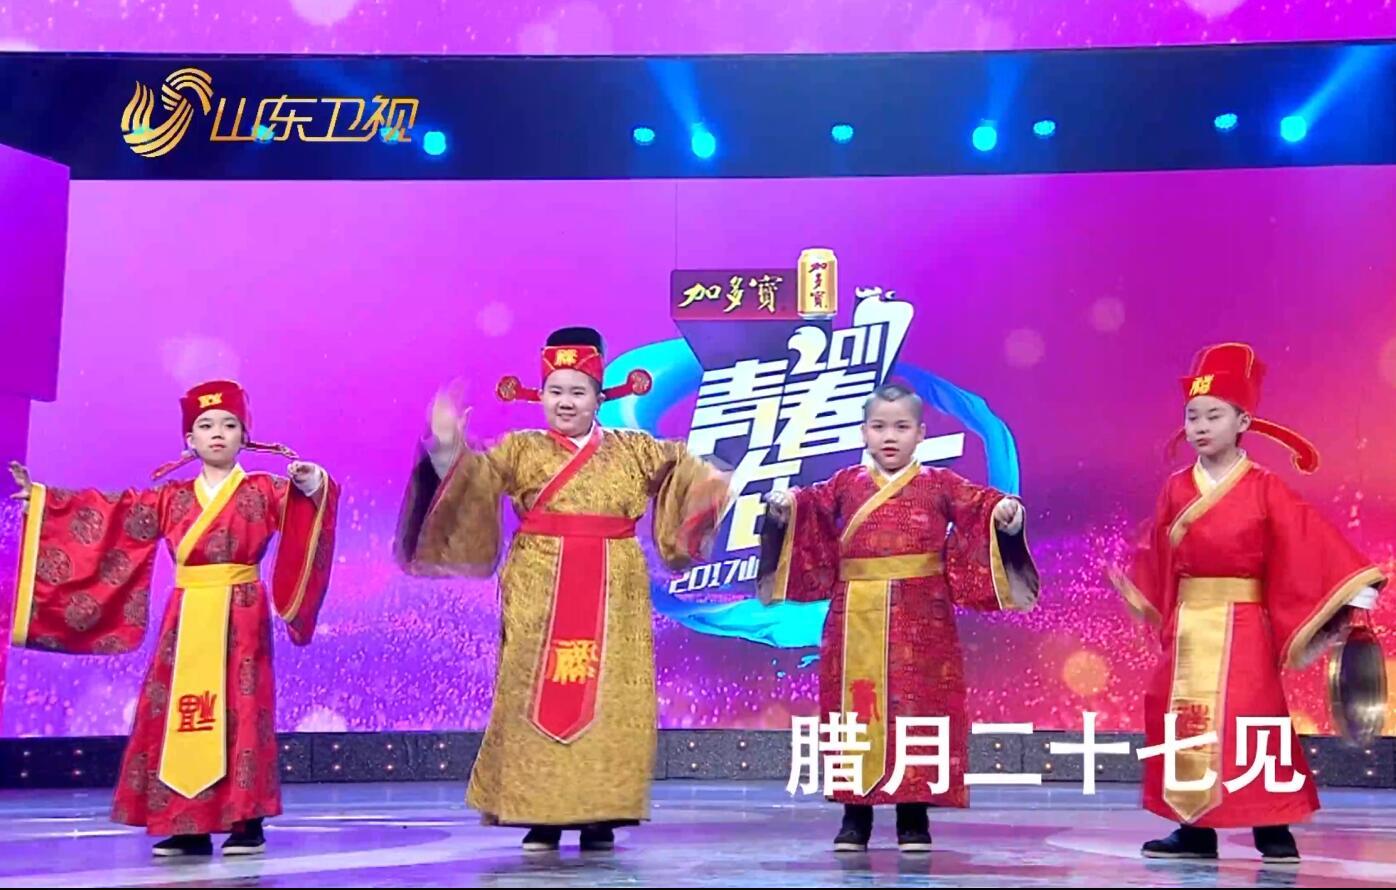 娱乐bigbang丨福禄寿喜小神仙 晚会现场竟然忘词